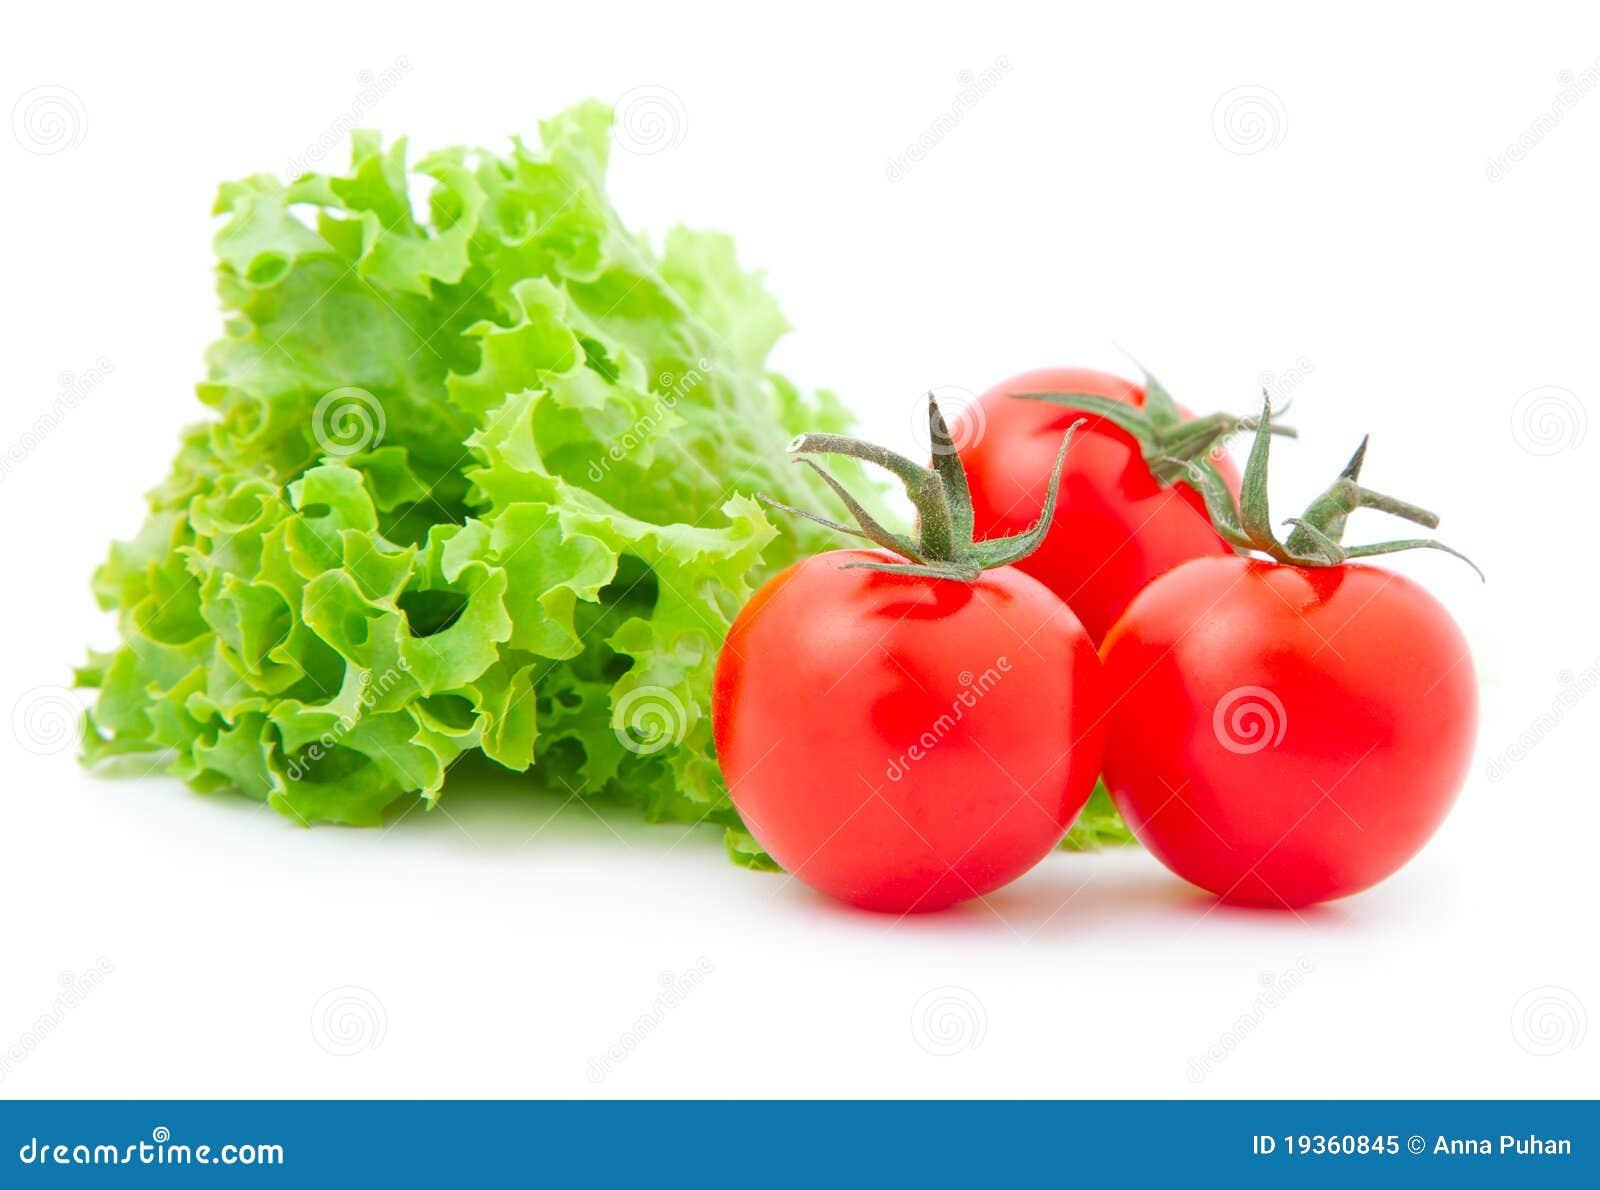 Tomate e alface fresca